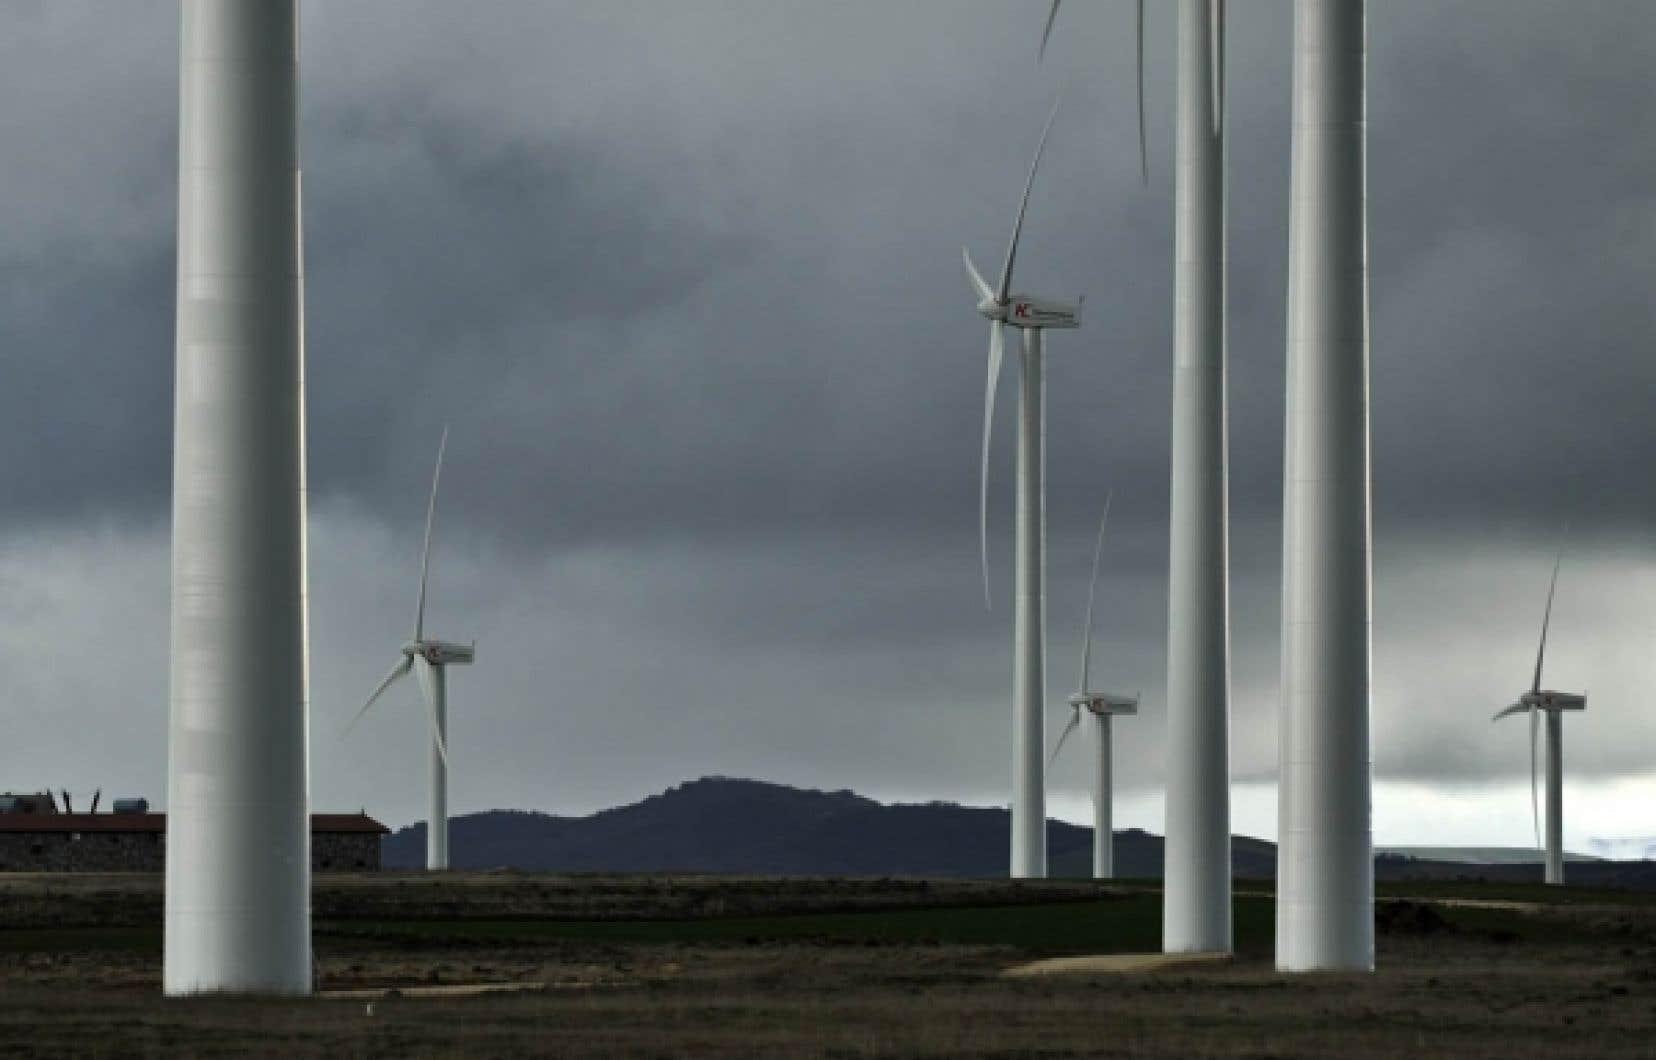 L'Espagne a battu, fin mars, un record de production d'énergie éolienne, en fournissant pendant une période de grands vents plus de 40% de l'électricité consommée par le pays.<br />